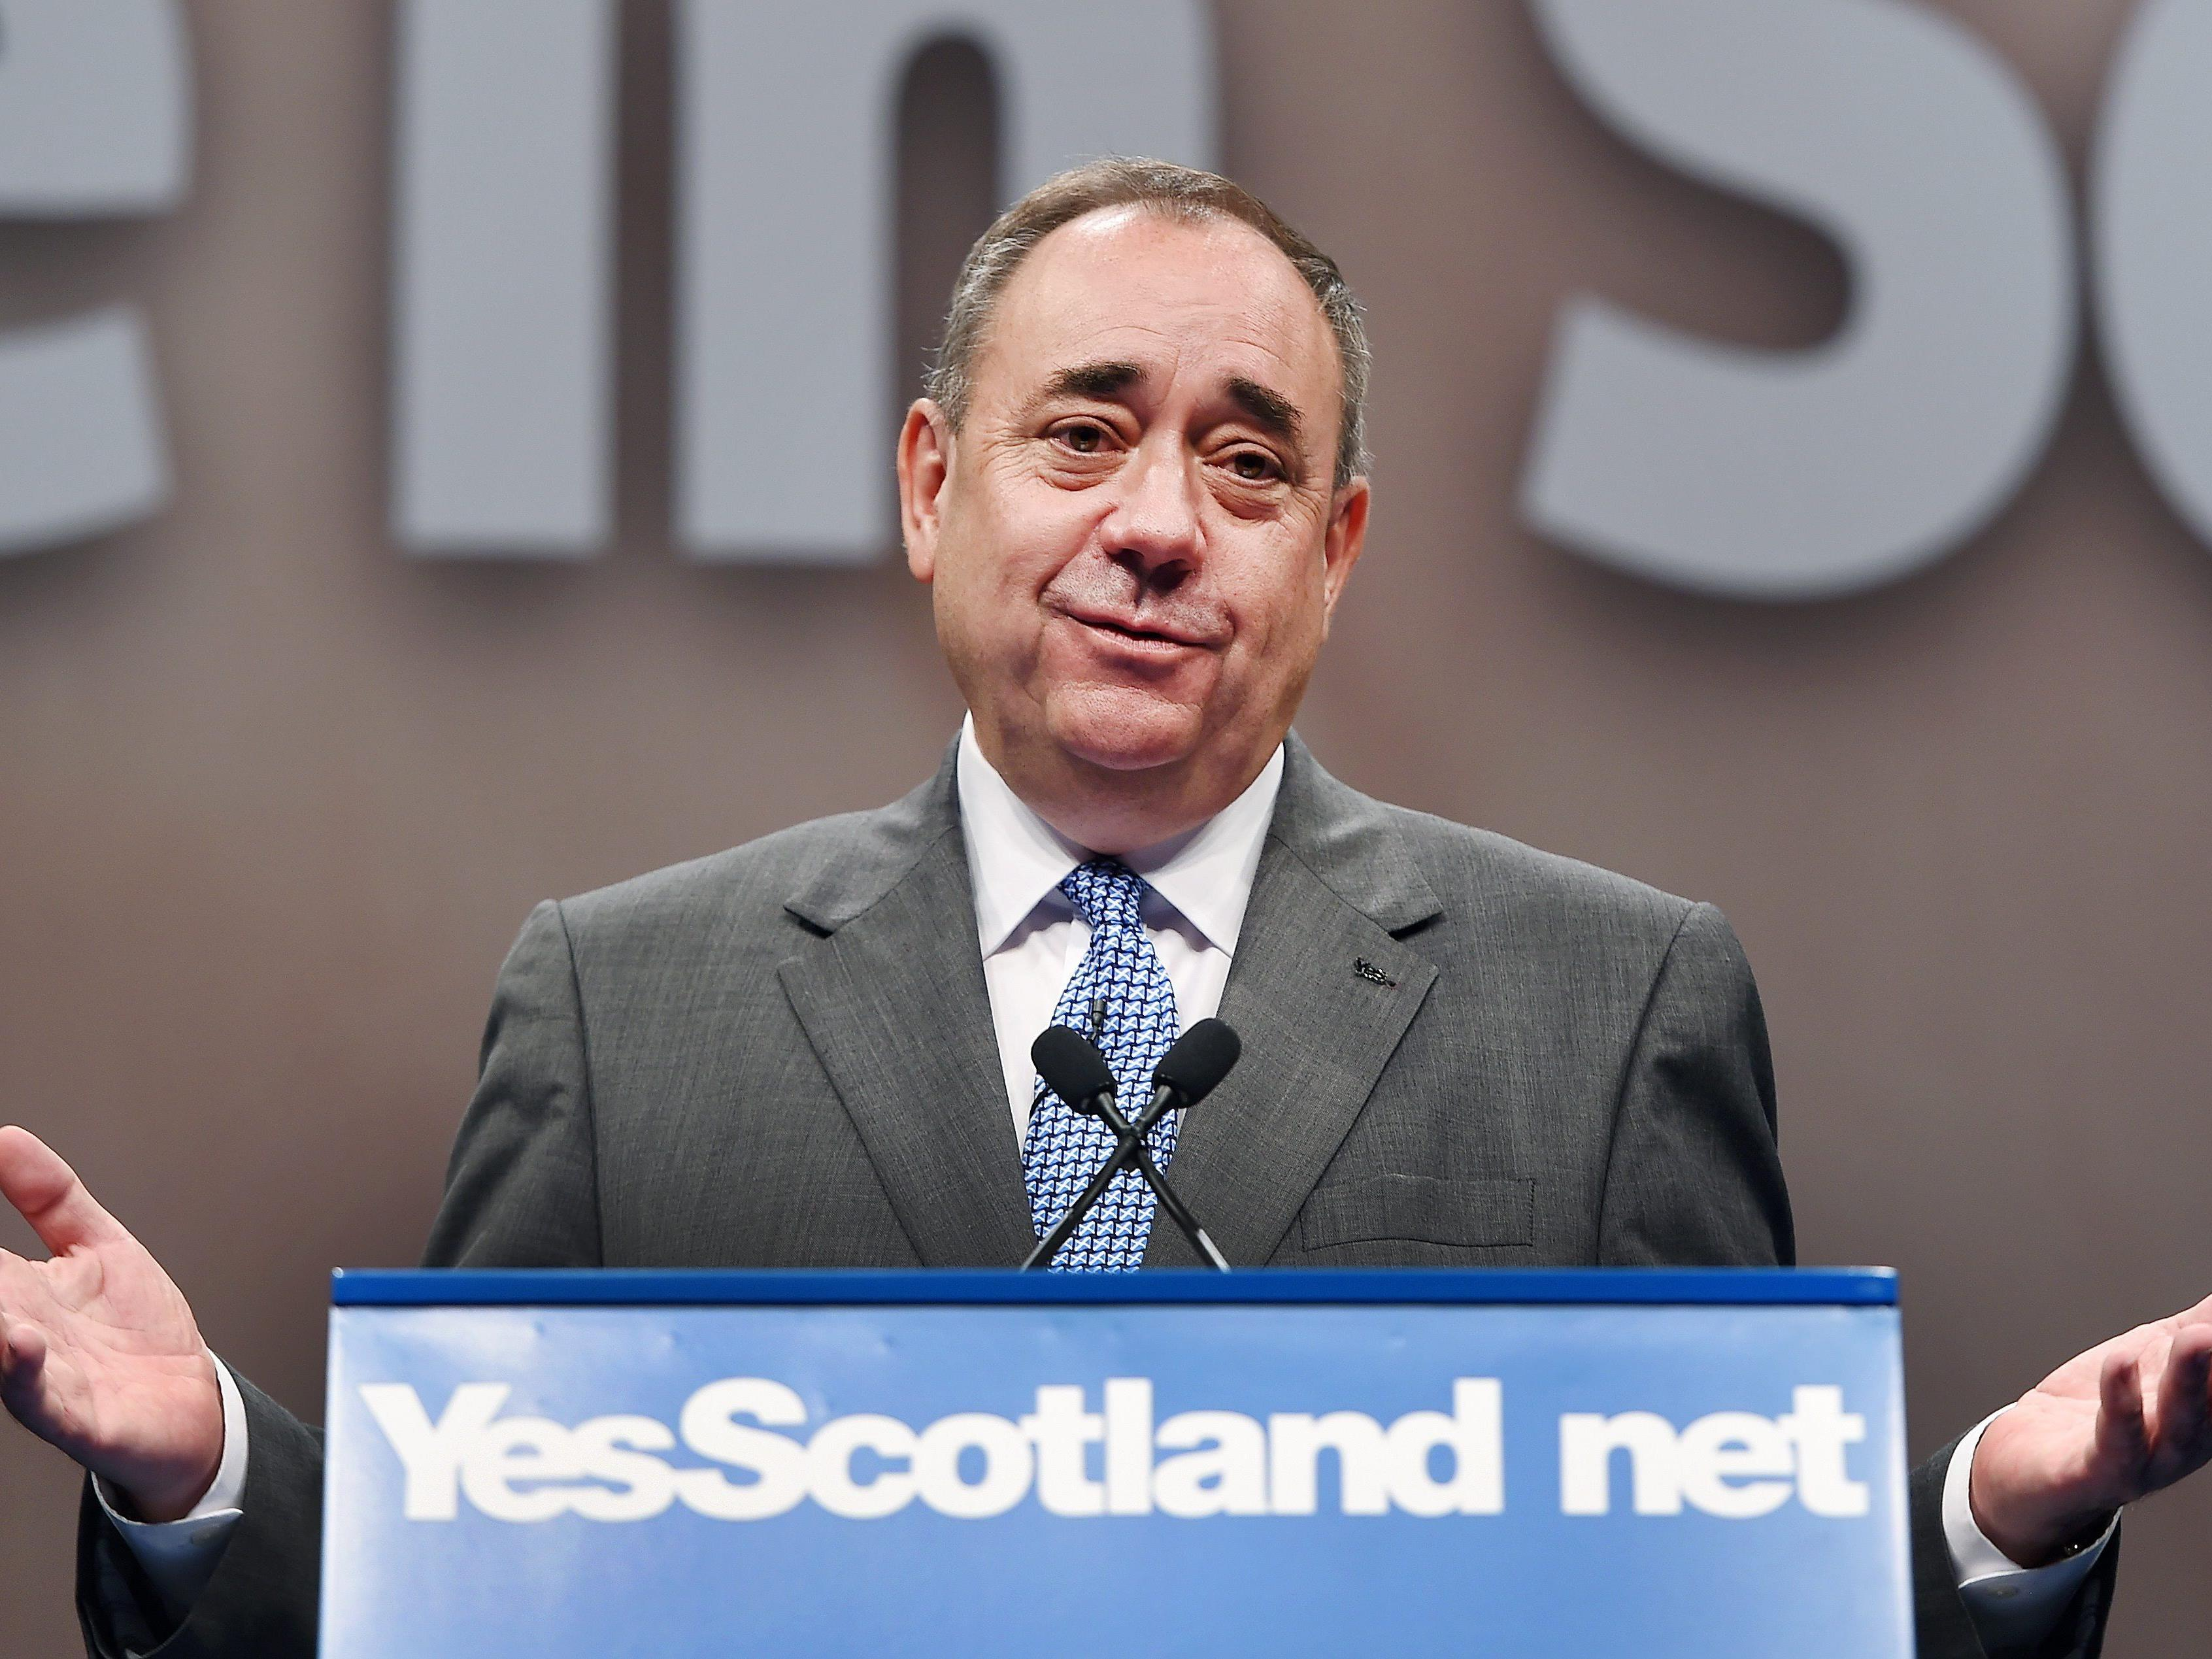 Alex Samond setzt sich für die Unabhängigkeit Schottlands ein.